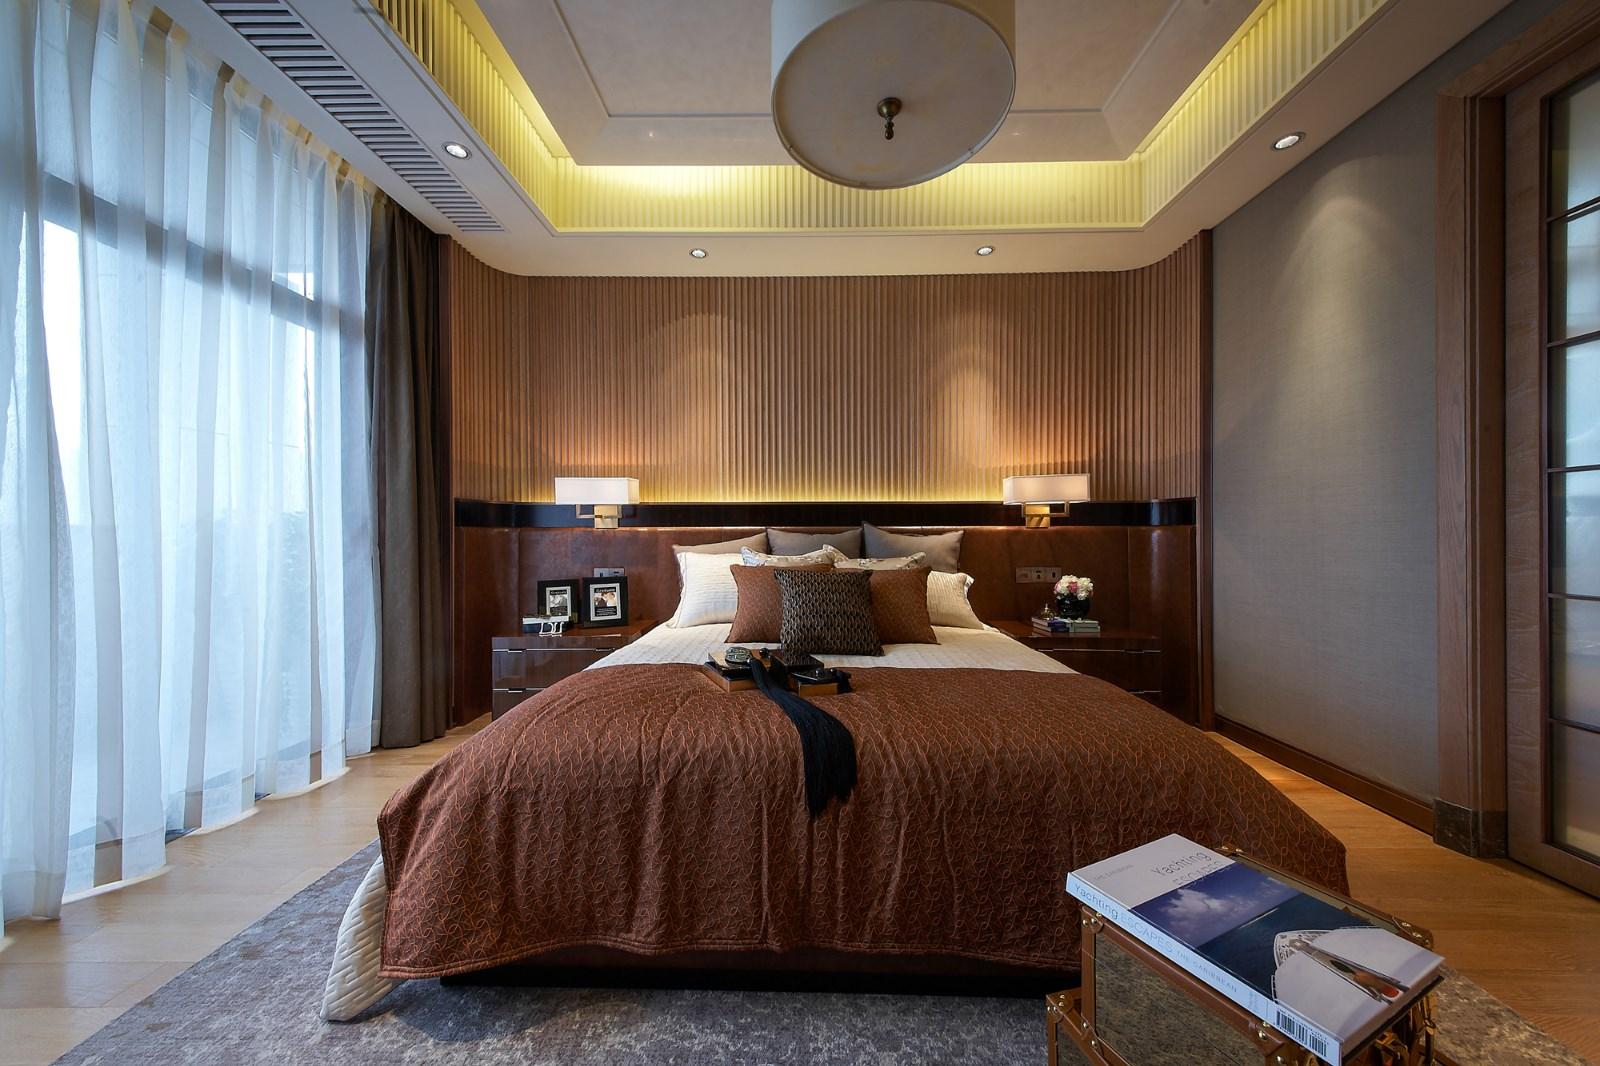 卧室整个氛围是温馨的,尤其当床头柜上的两盏台灯,发出柔和的光芒时。